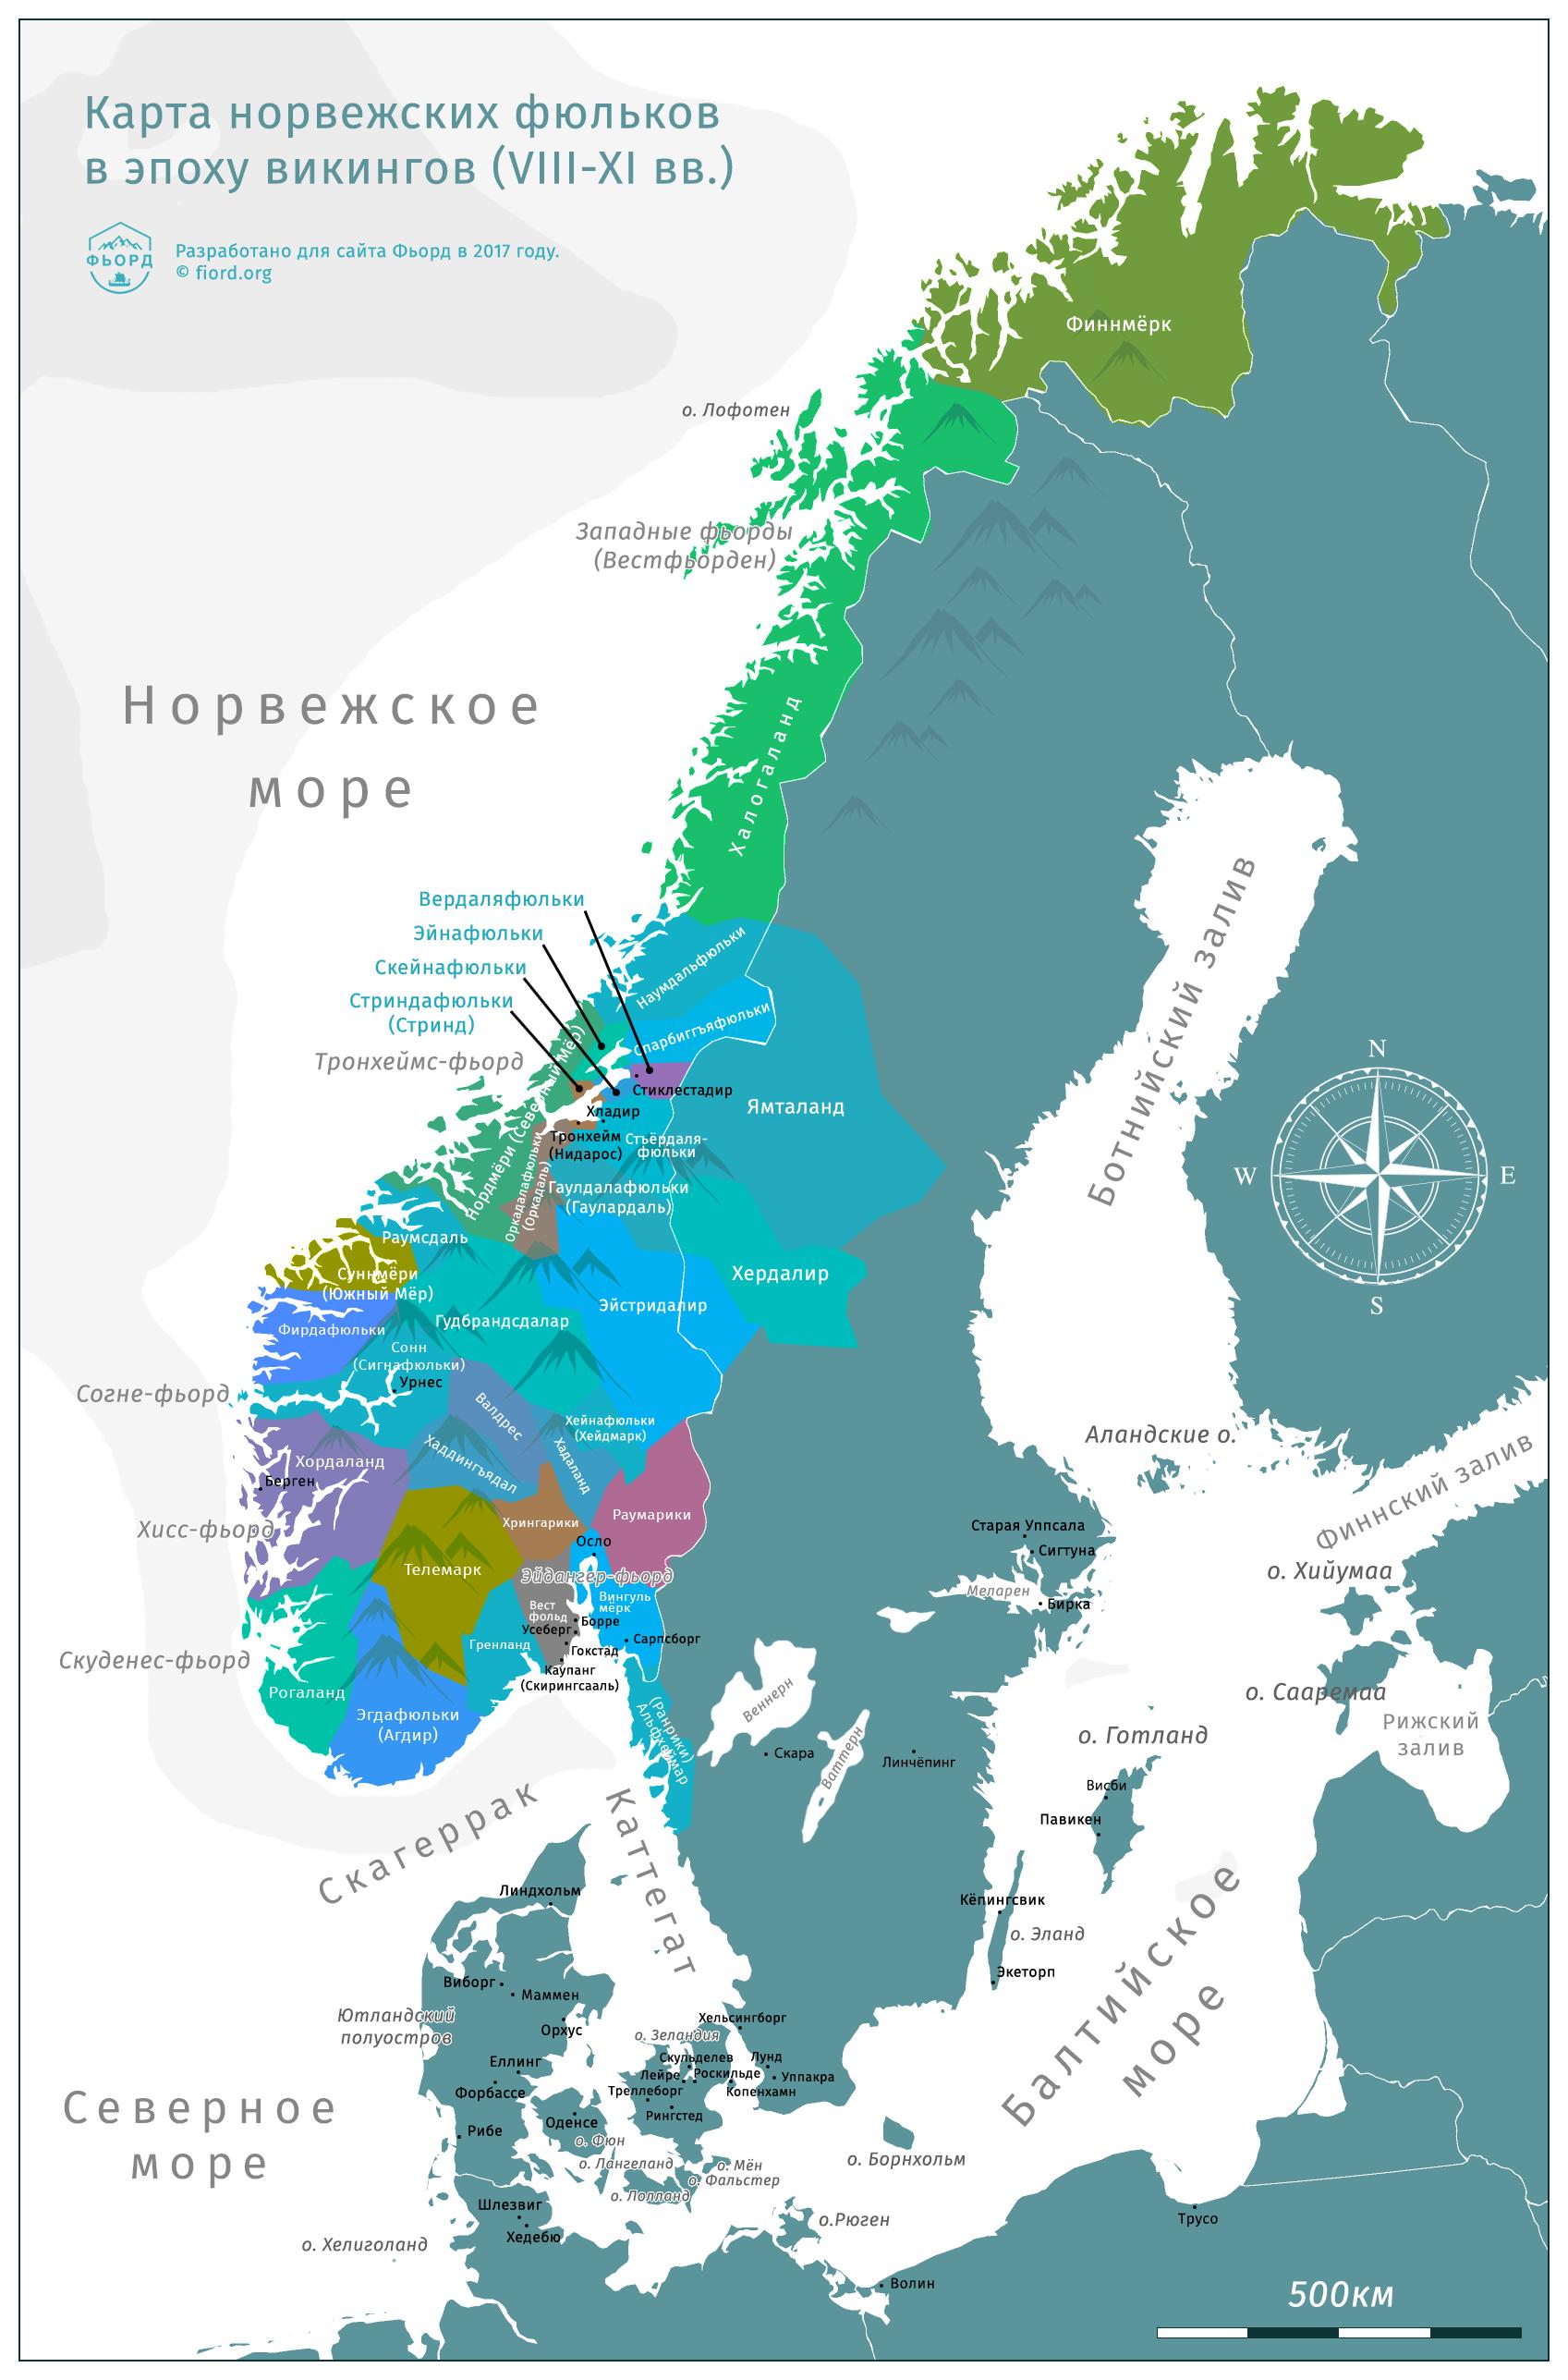 Карта норвежских фюльков в эпоху викингов